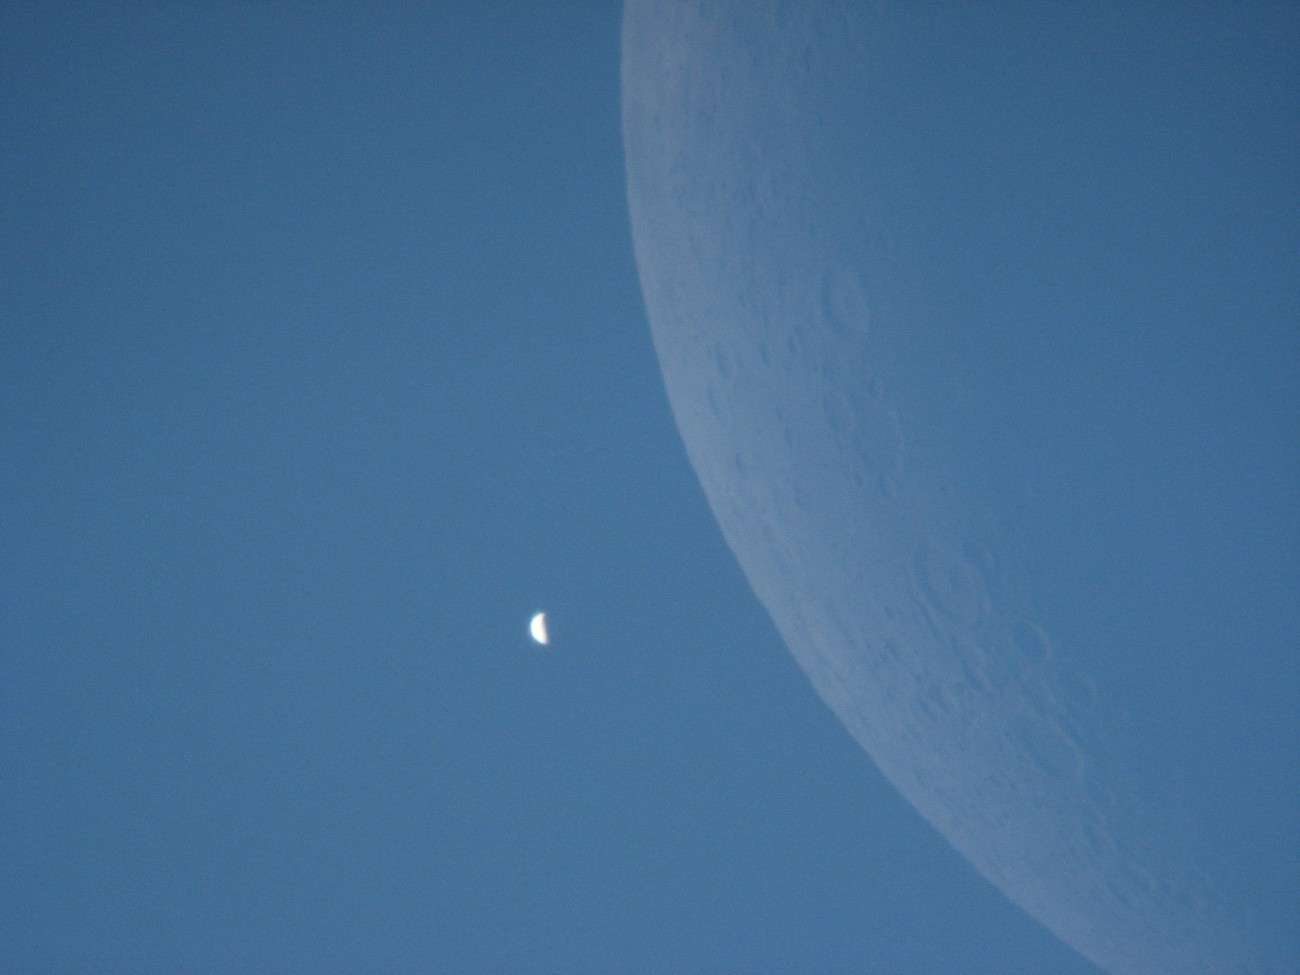 Le croissant de Vénus photographié en plein jour le 18 juin 2007 après son passage derrière la Lune. © Christophe Guesdon/Collège Léo Drouyn